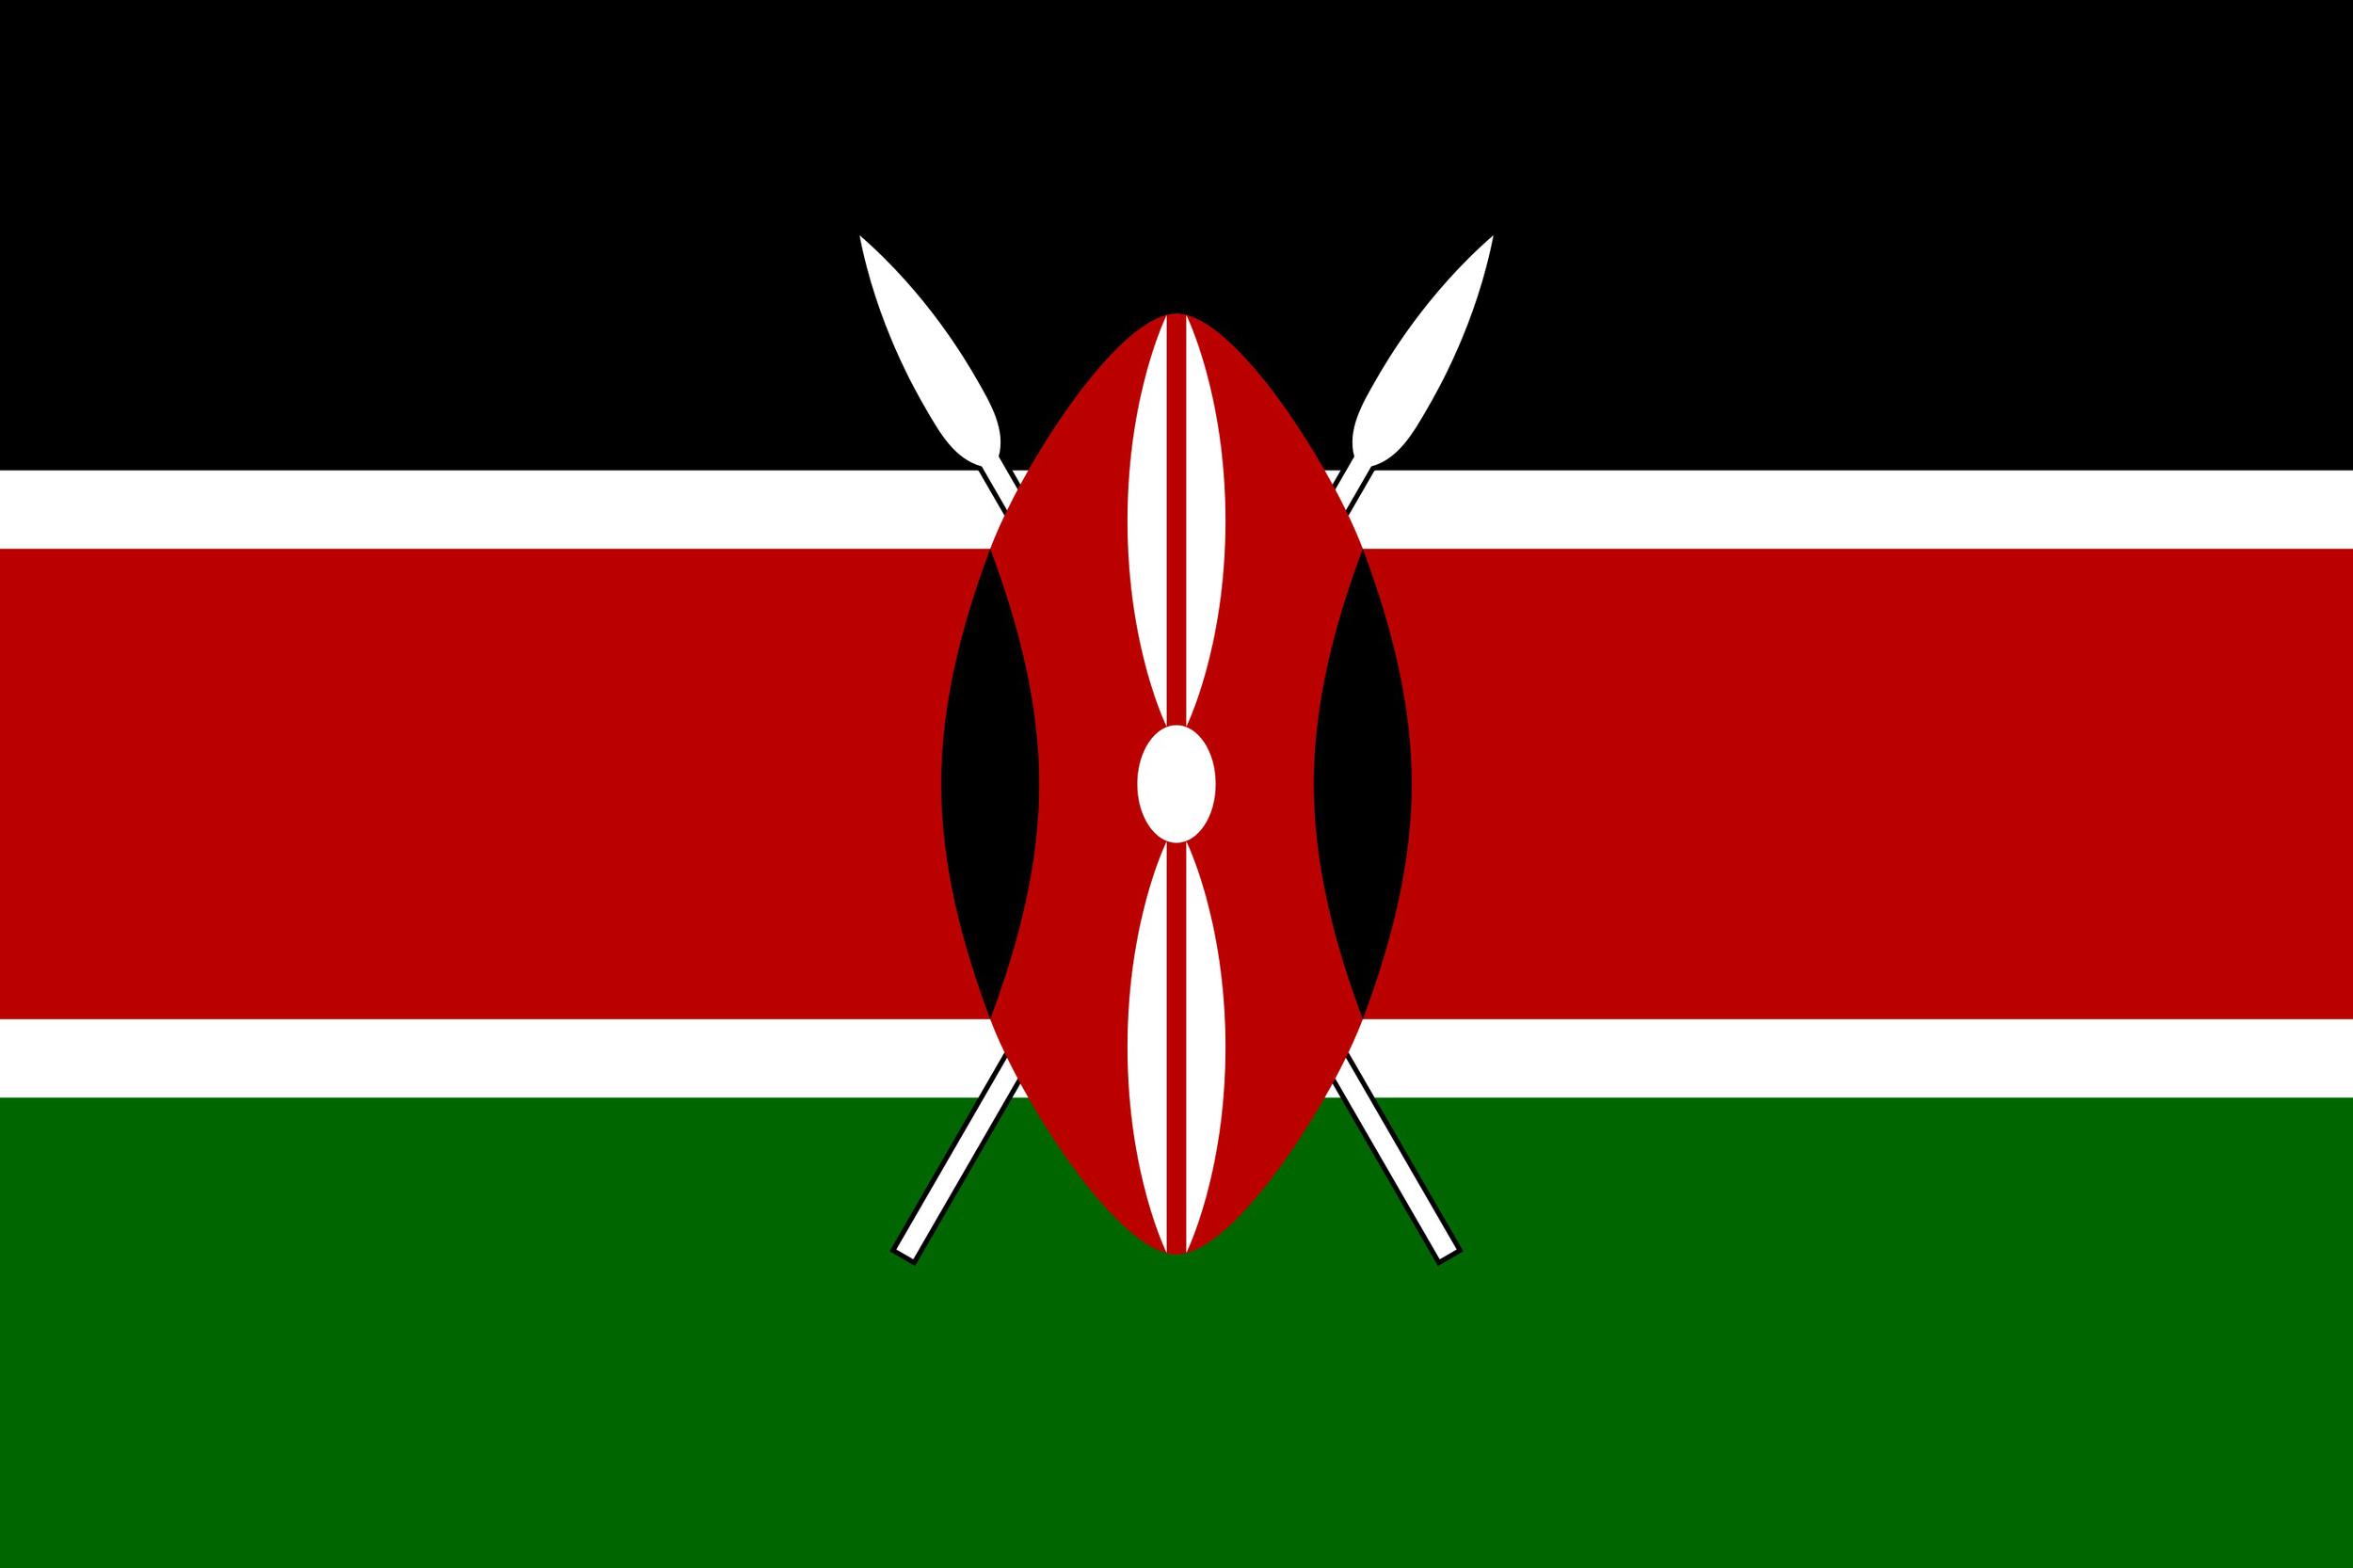 kenyaFINAL.png